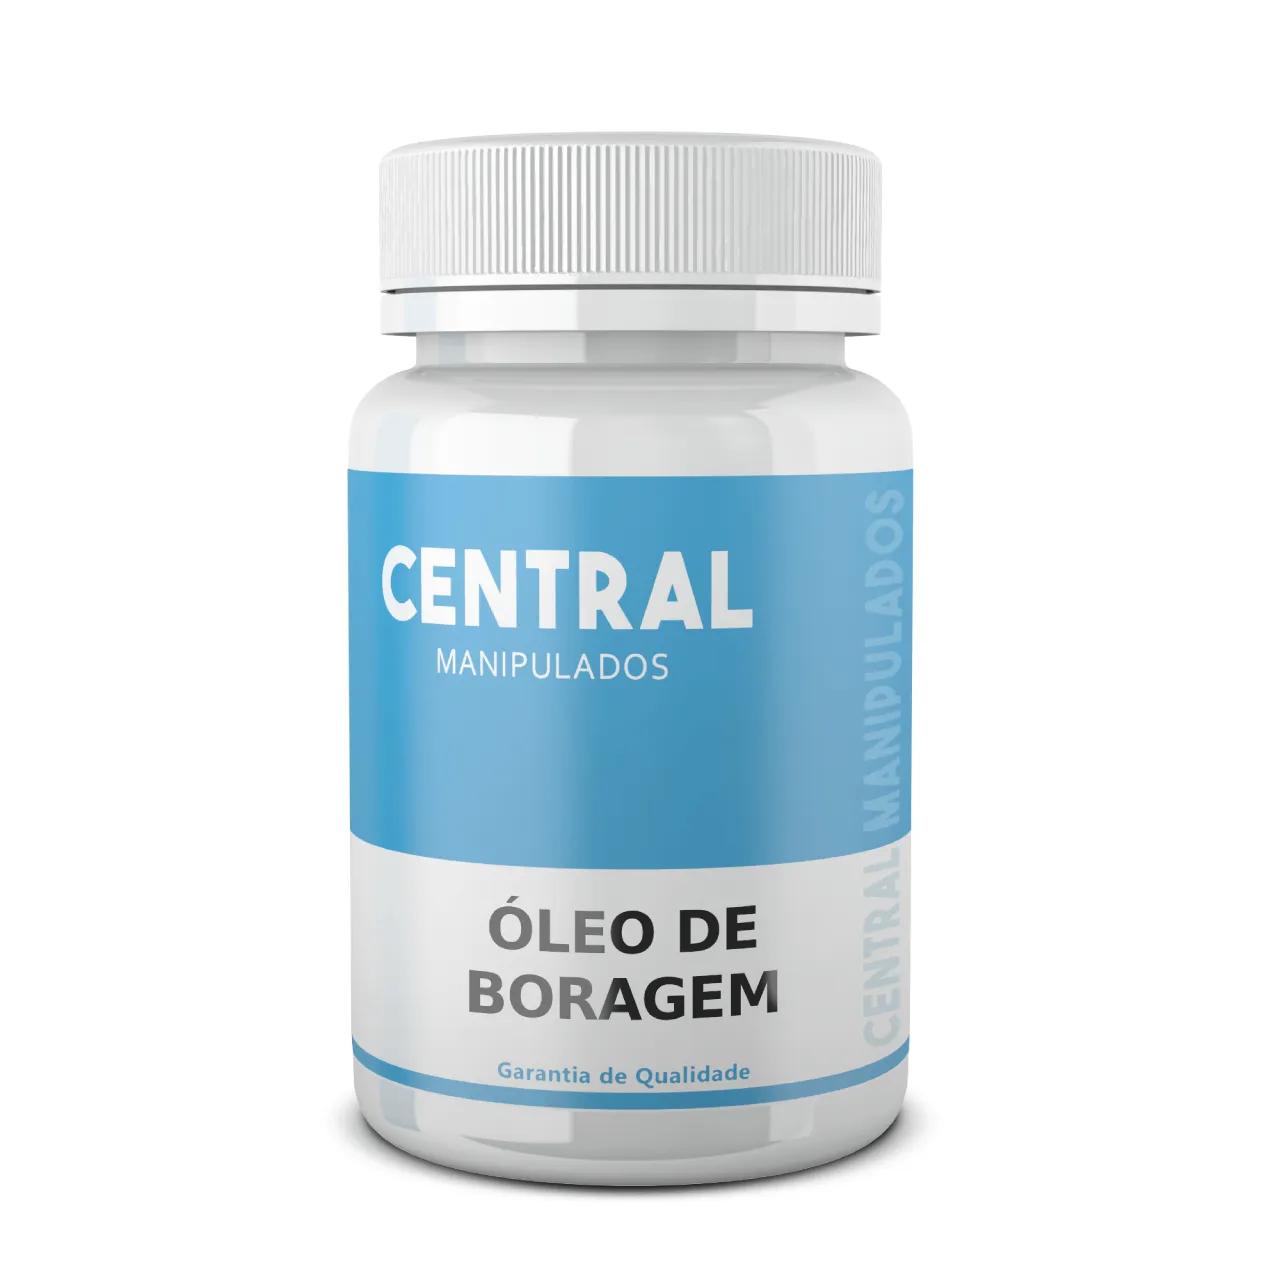 Óleo de Boragem 500mg - 60 cápsulas - Bom para Inflamações de Pele, TPM, Problemas Reumáticos